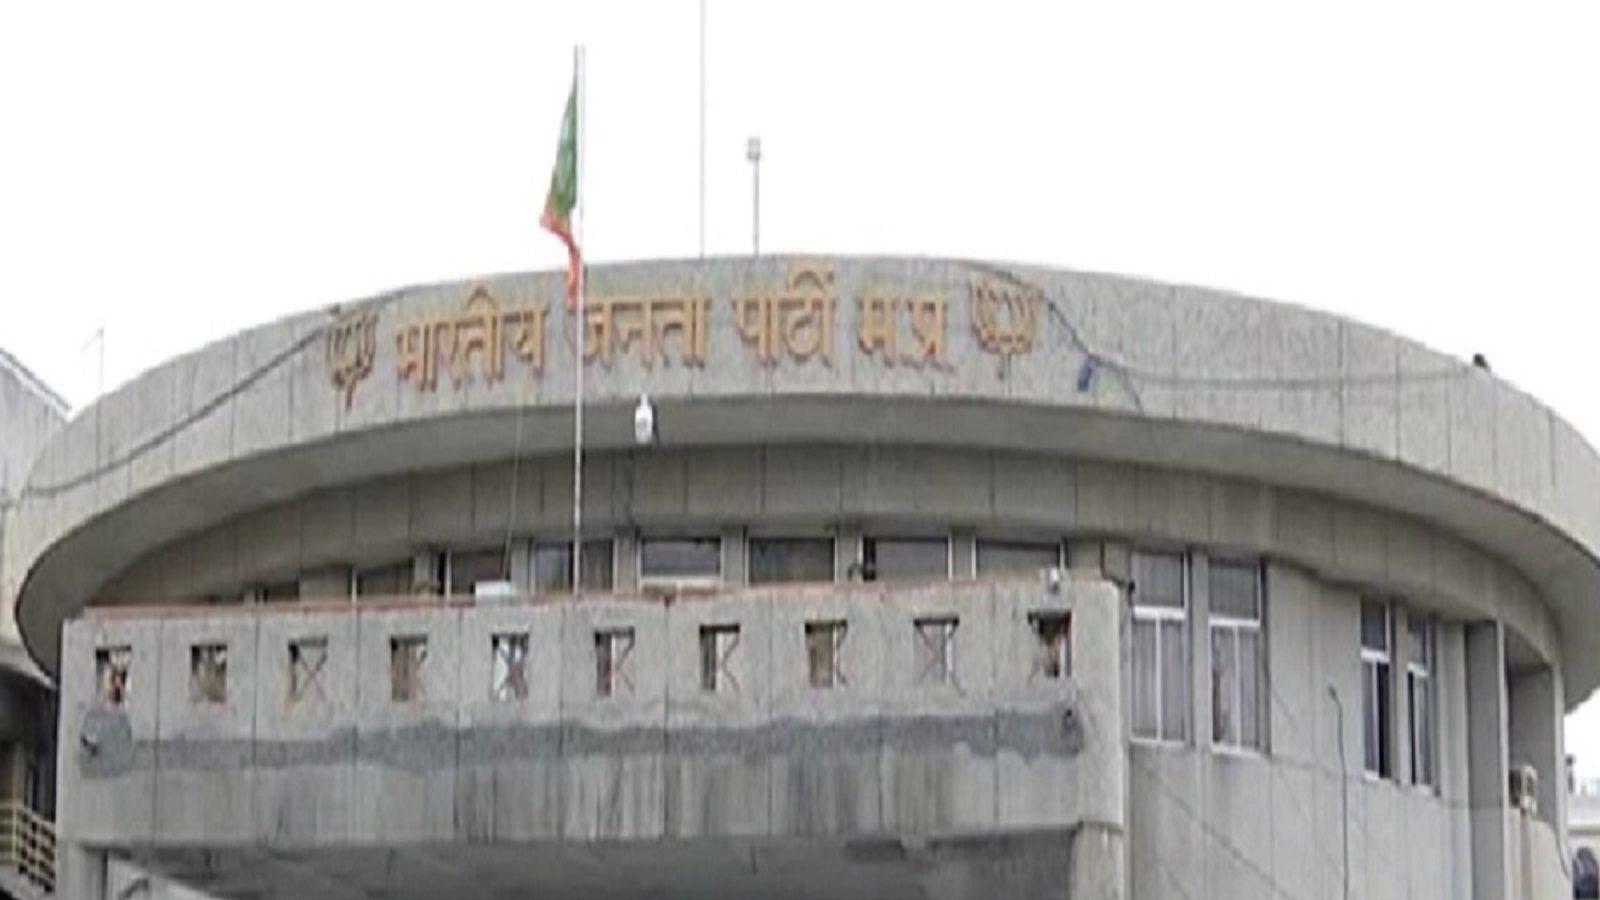 MP NEWS : PM मोदी के जन्मदिन पर BJP बनाएगी नमो गार्डन, कांग्रेस ने पूछा- सरकारी खर्च पर बर्थ-डे सेलिब्रेशन!